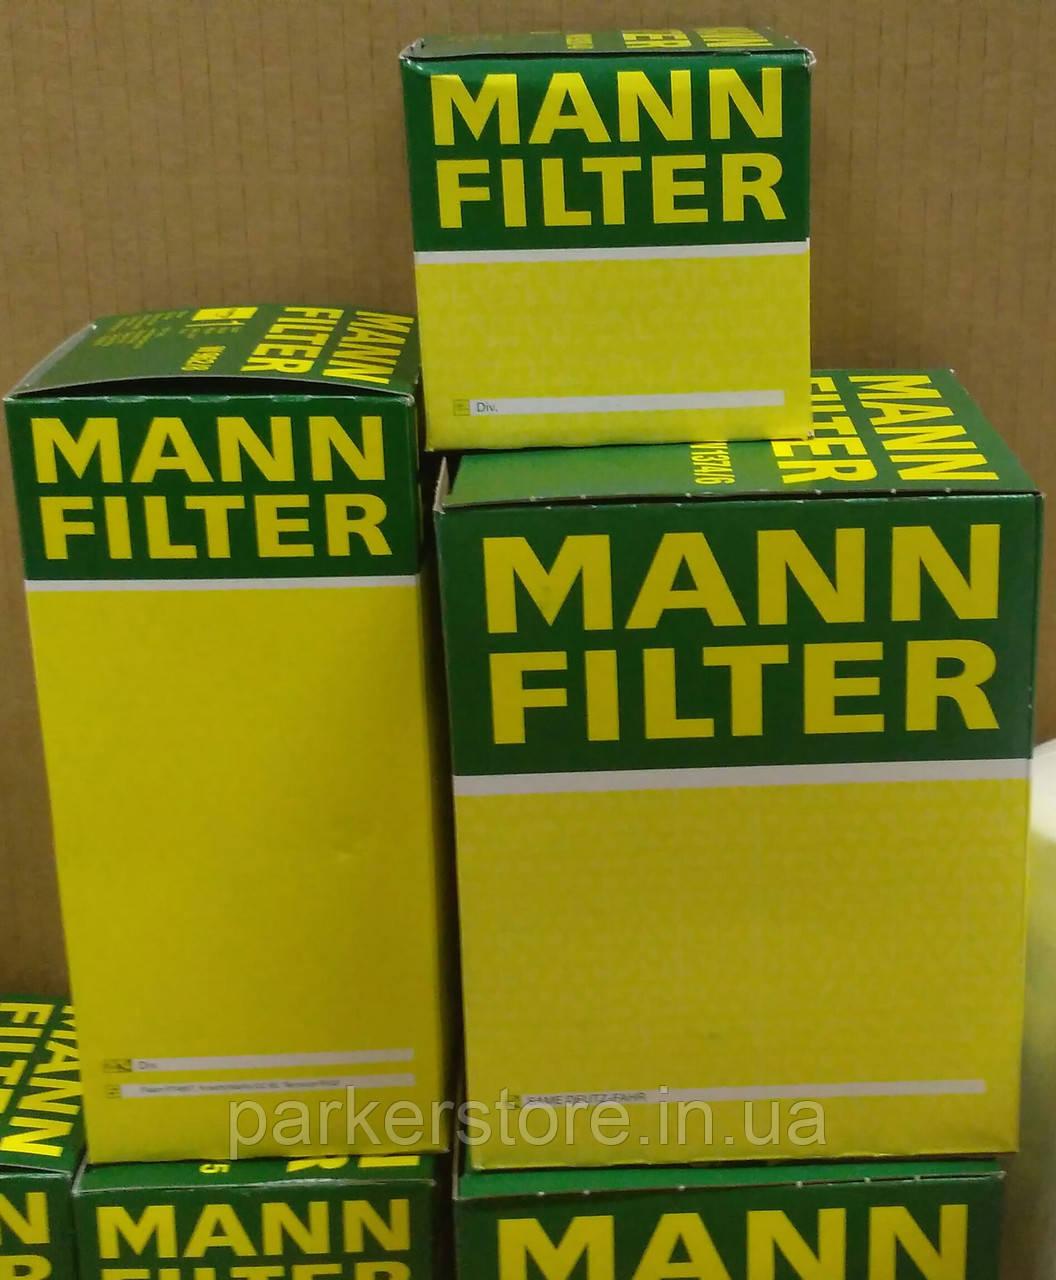 MANN FILTER / Воздушный фильтр / C 27 010 / C27010